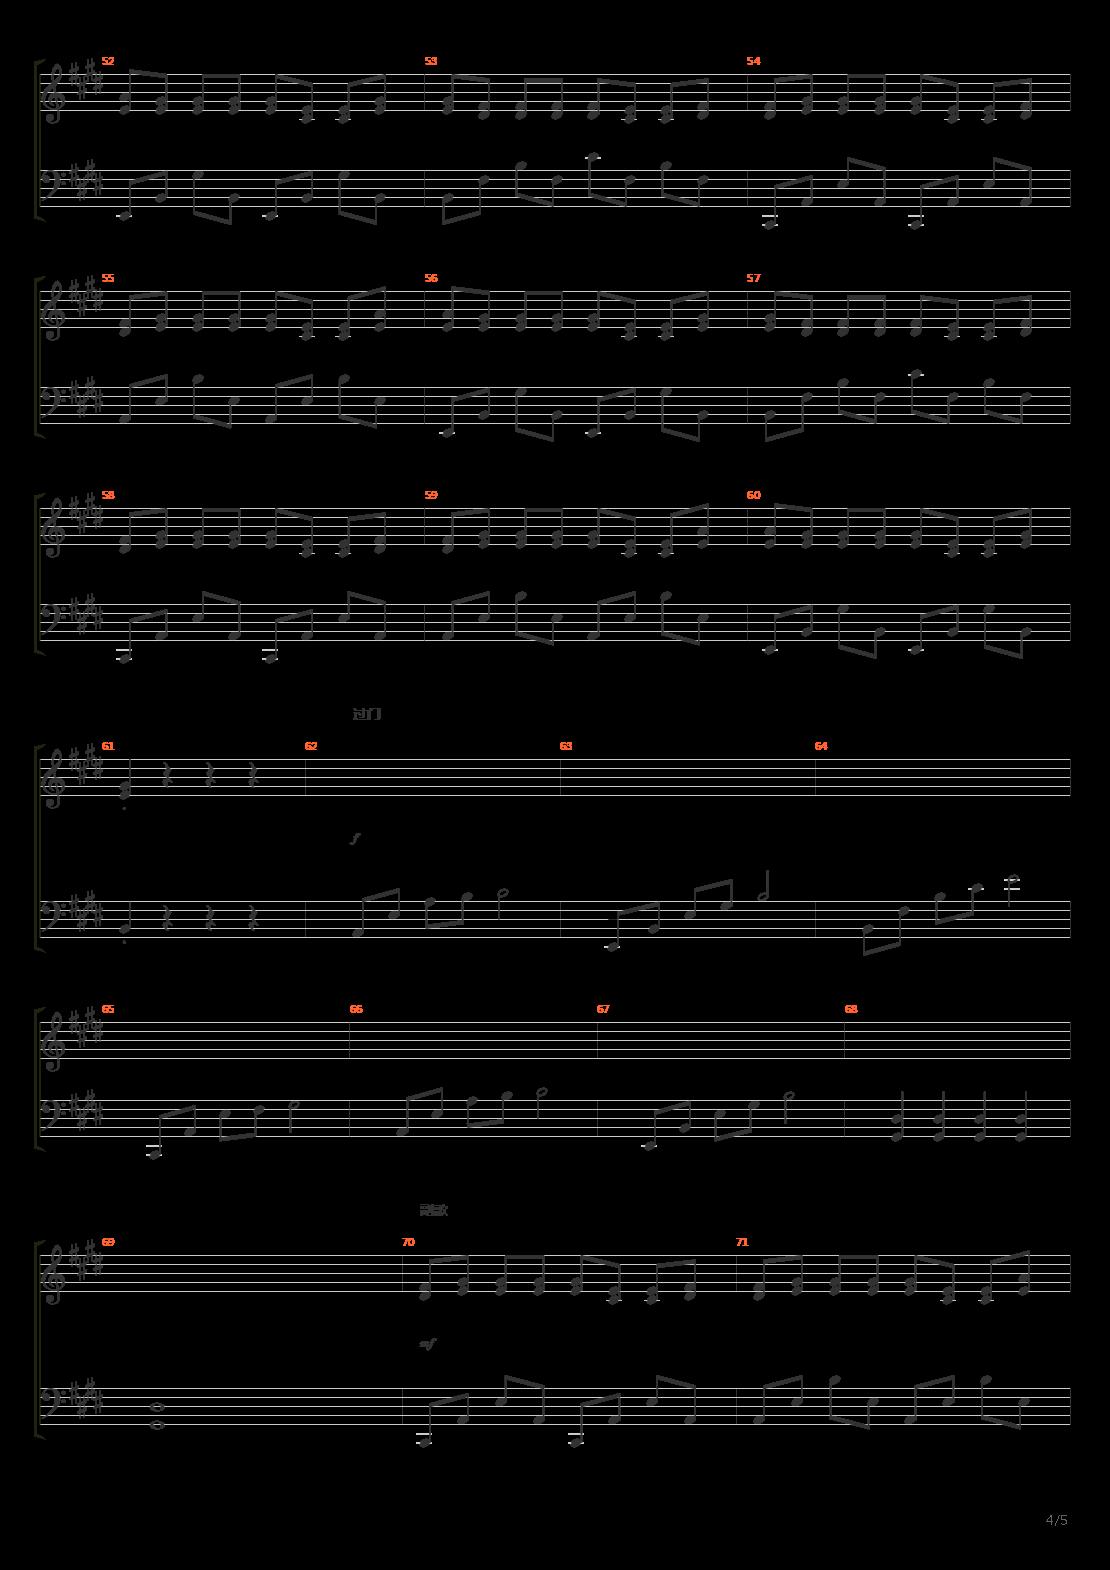 光年之外(自制乐队版)吉他谱